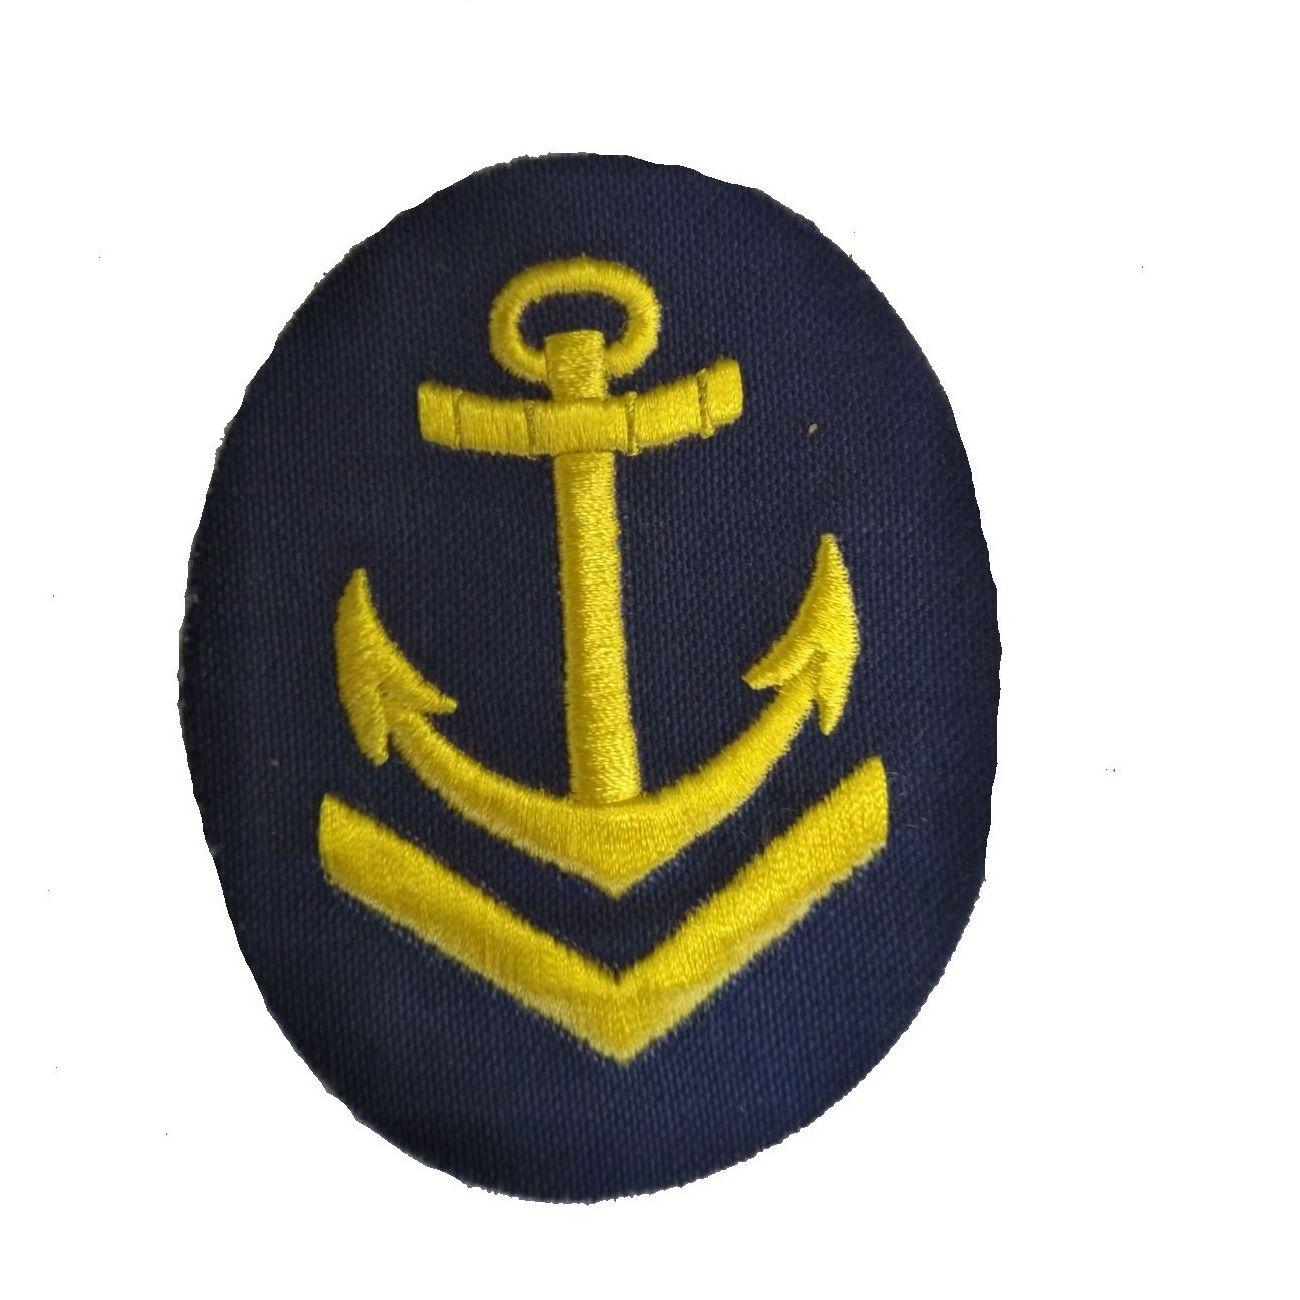 Nášivka námořních jednotek NVA ovál s kotvou + V